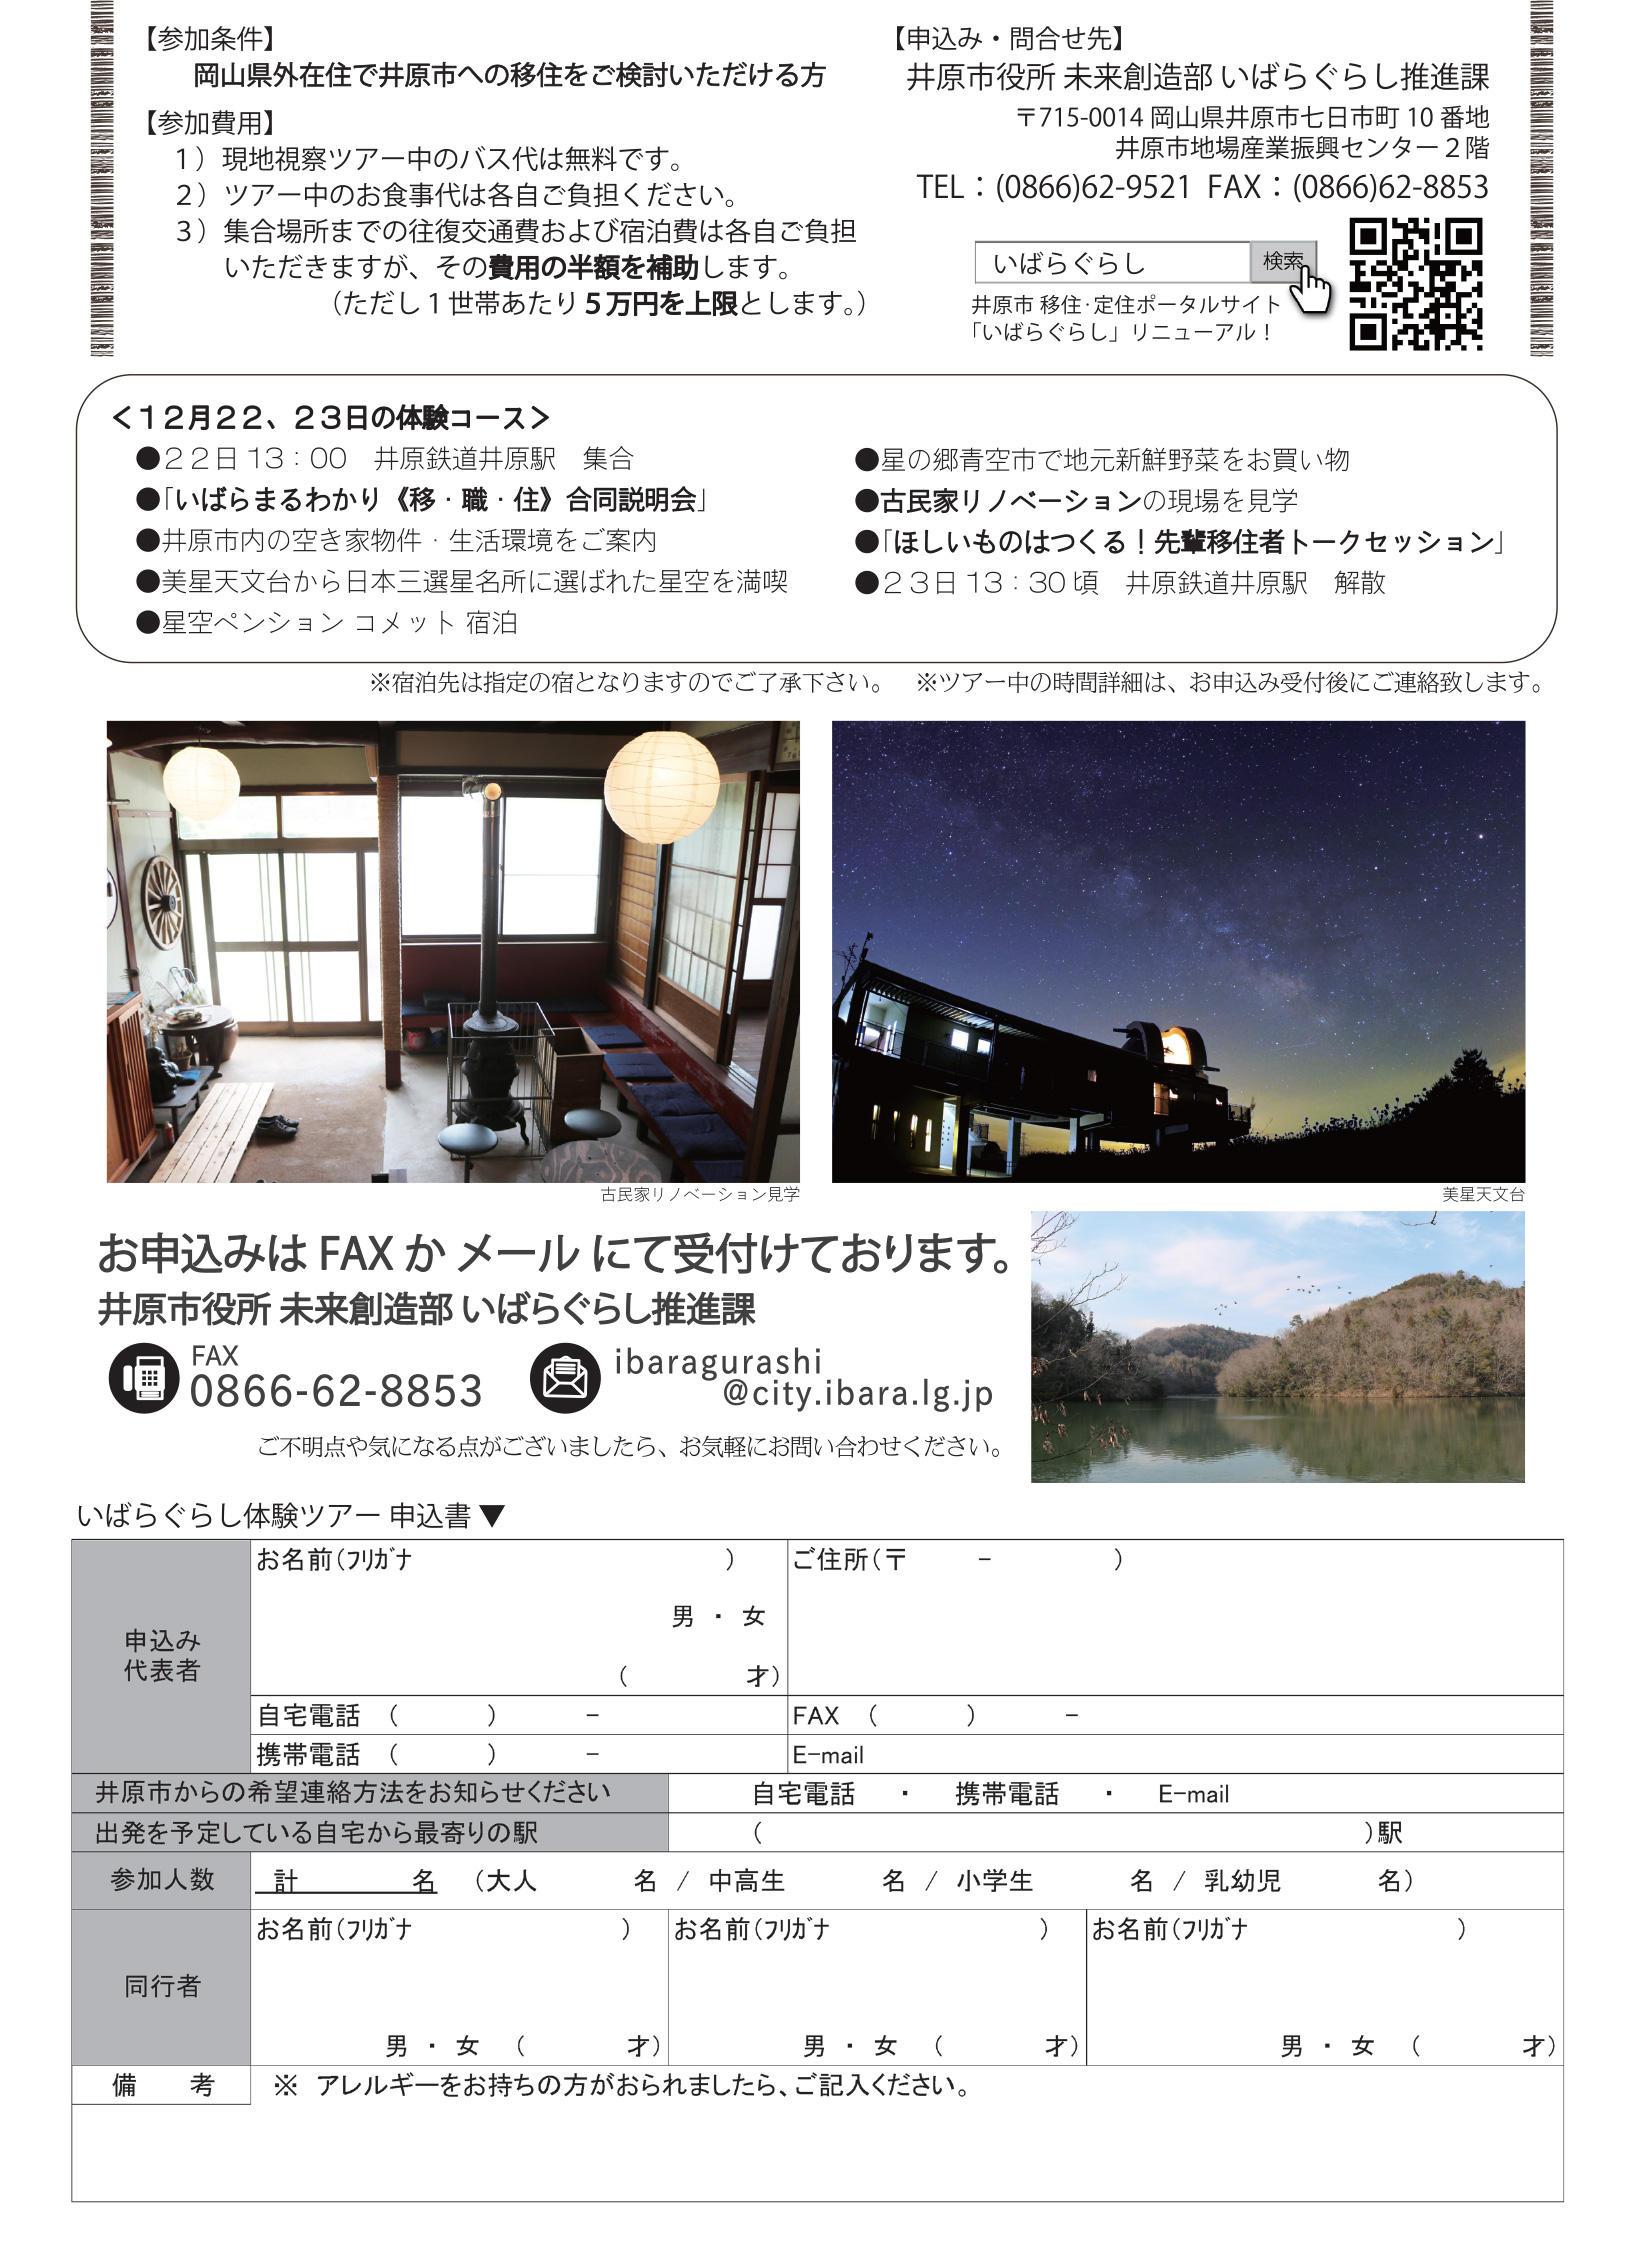 【令和元年8月24日~25日開催】いばらぐらし体験ツアー参加者募集中!